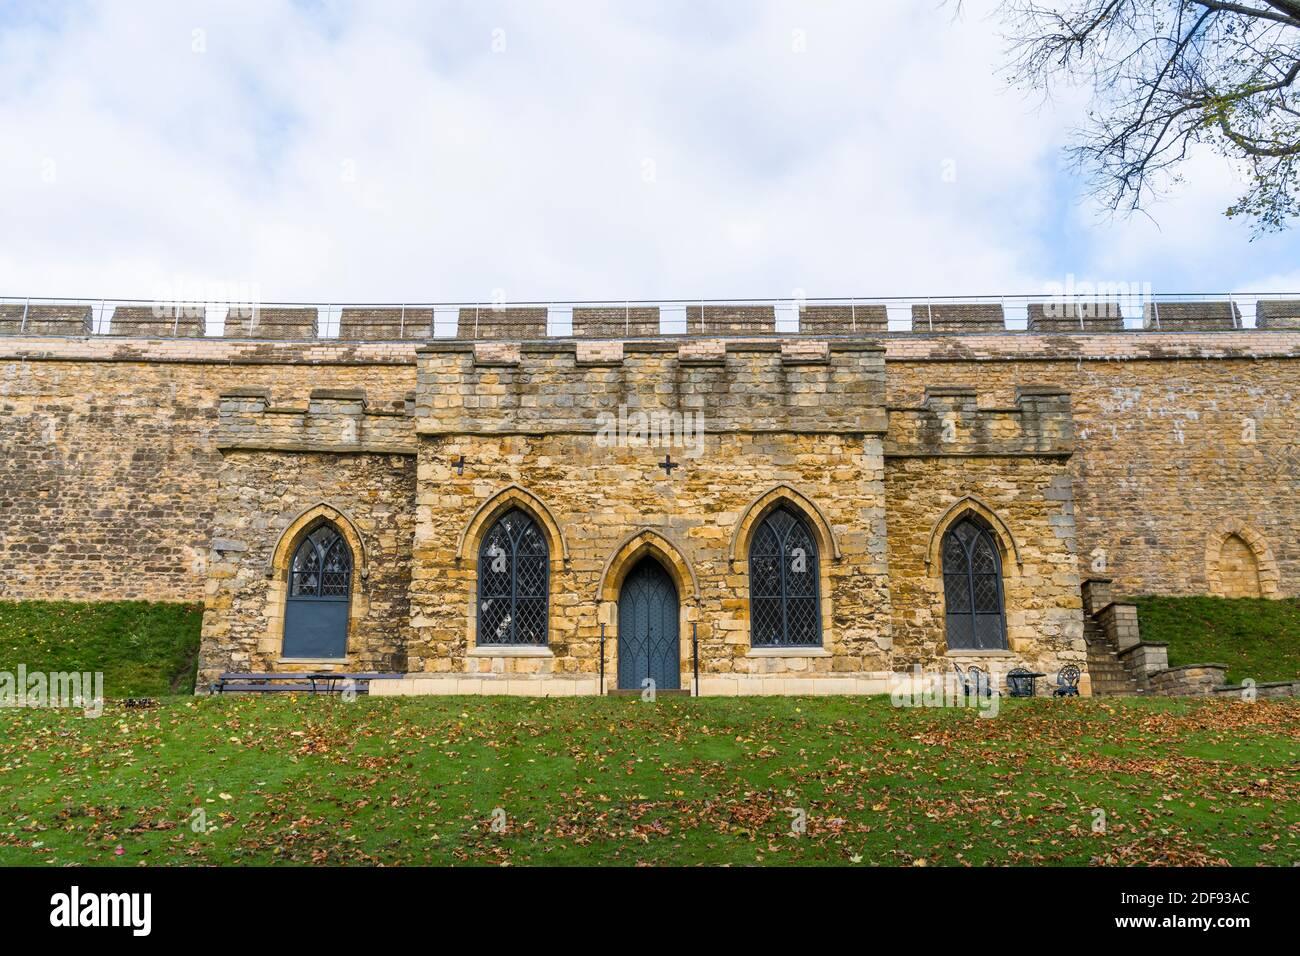 the-bath-house-lincoln-castle-october-2020-2DF93AC.jpg